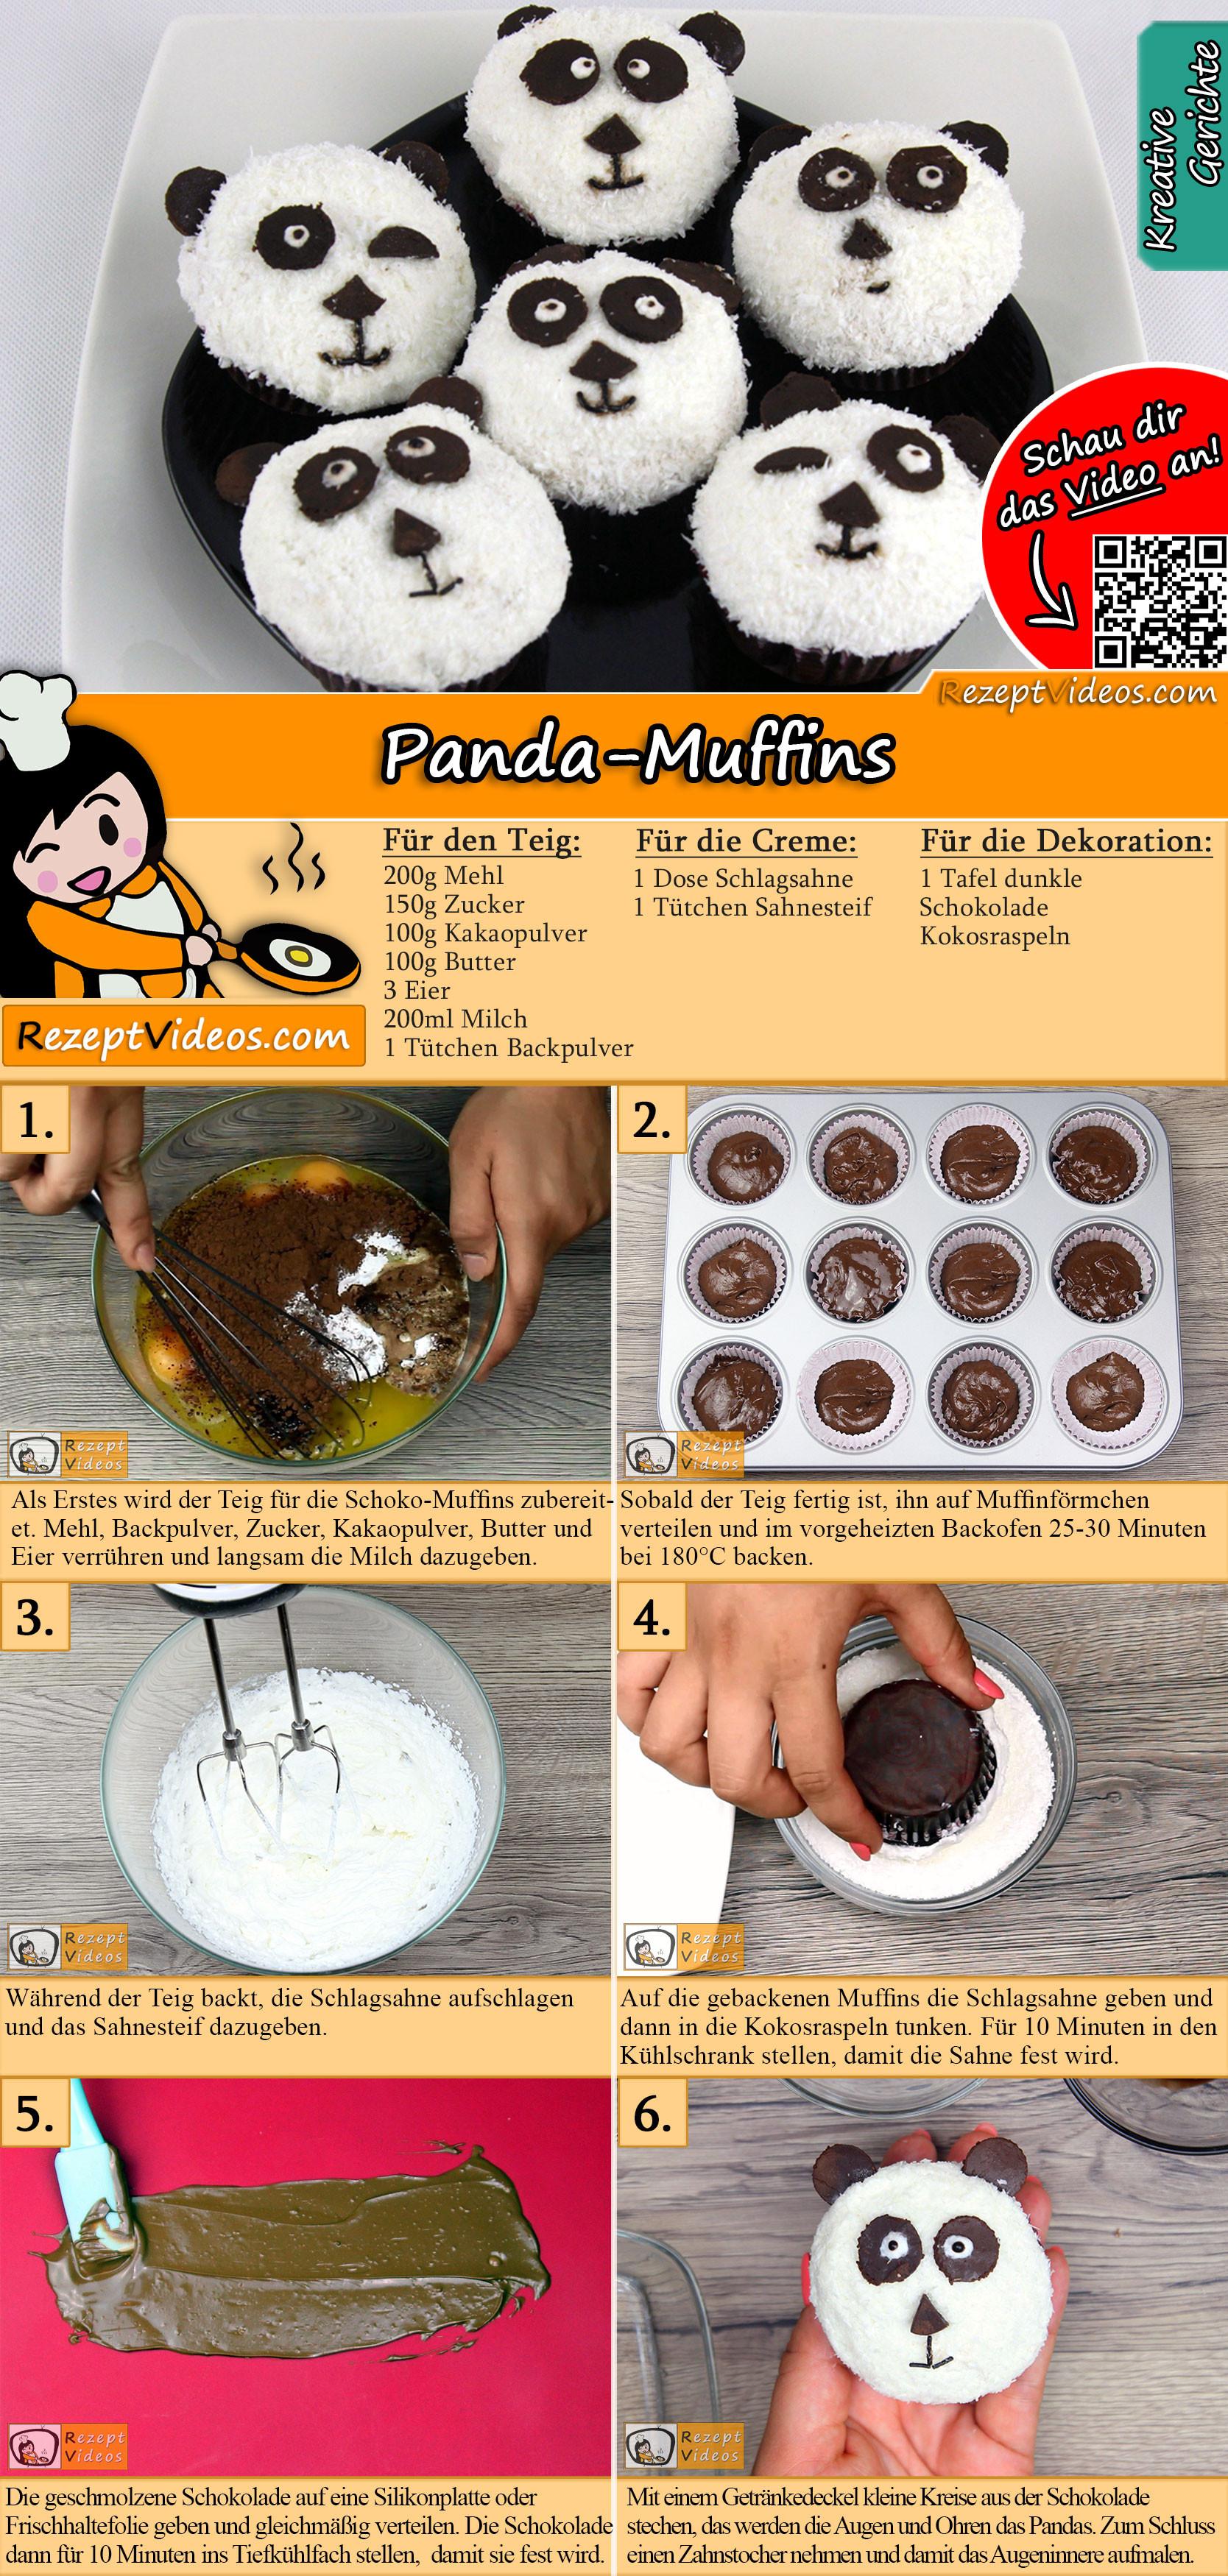 Panda-Muffins Rezept mit Video